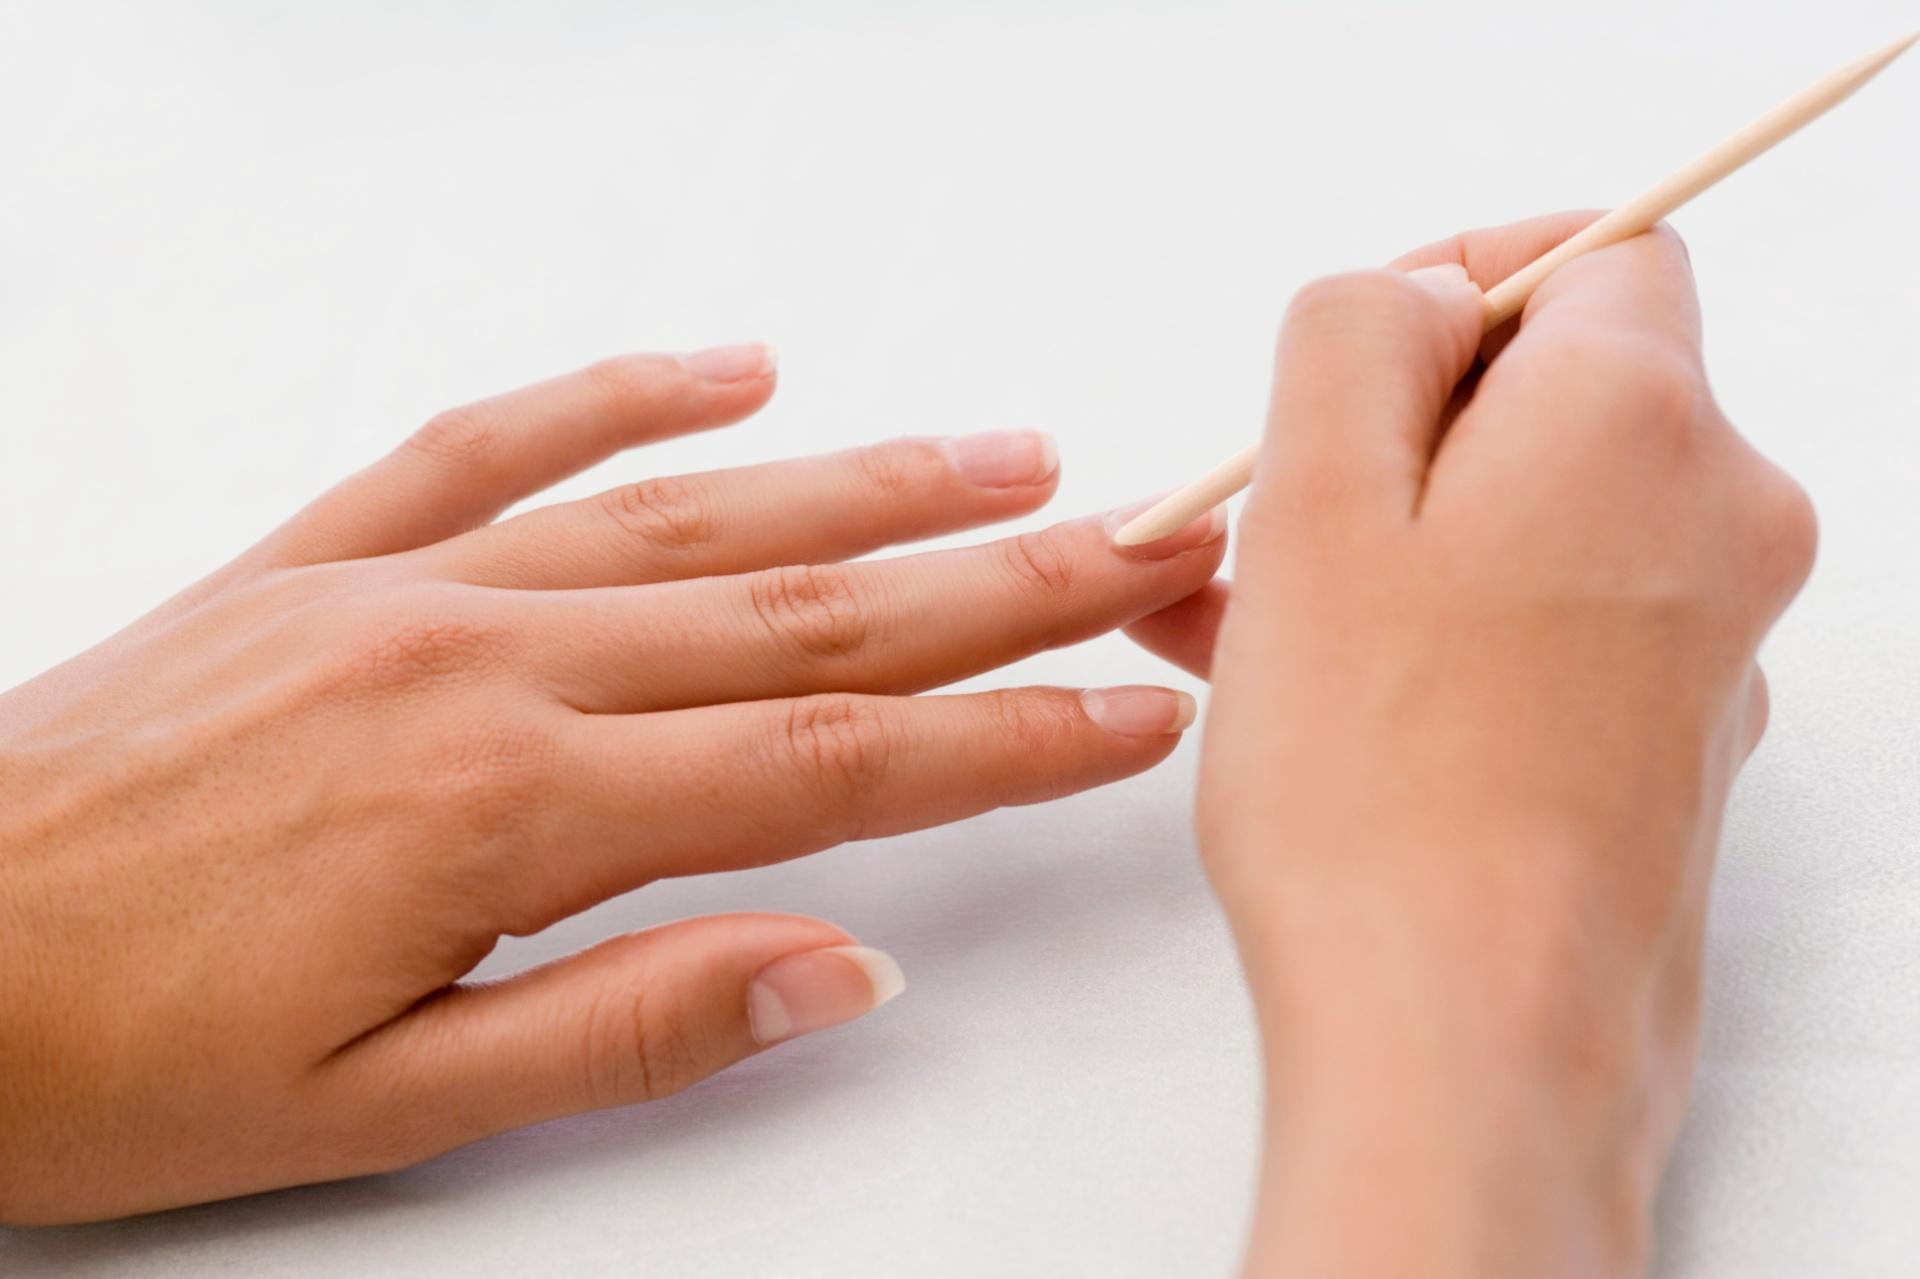 985dec3954 Não cortar cutículas é hábito saudável e facilita manutenção das unhas -  10 03 2014 - UOL Universa